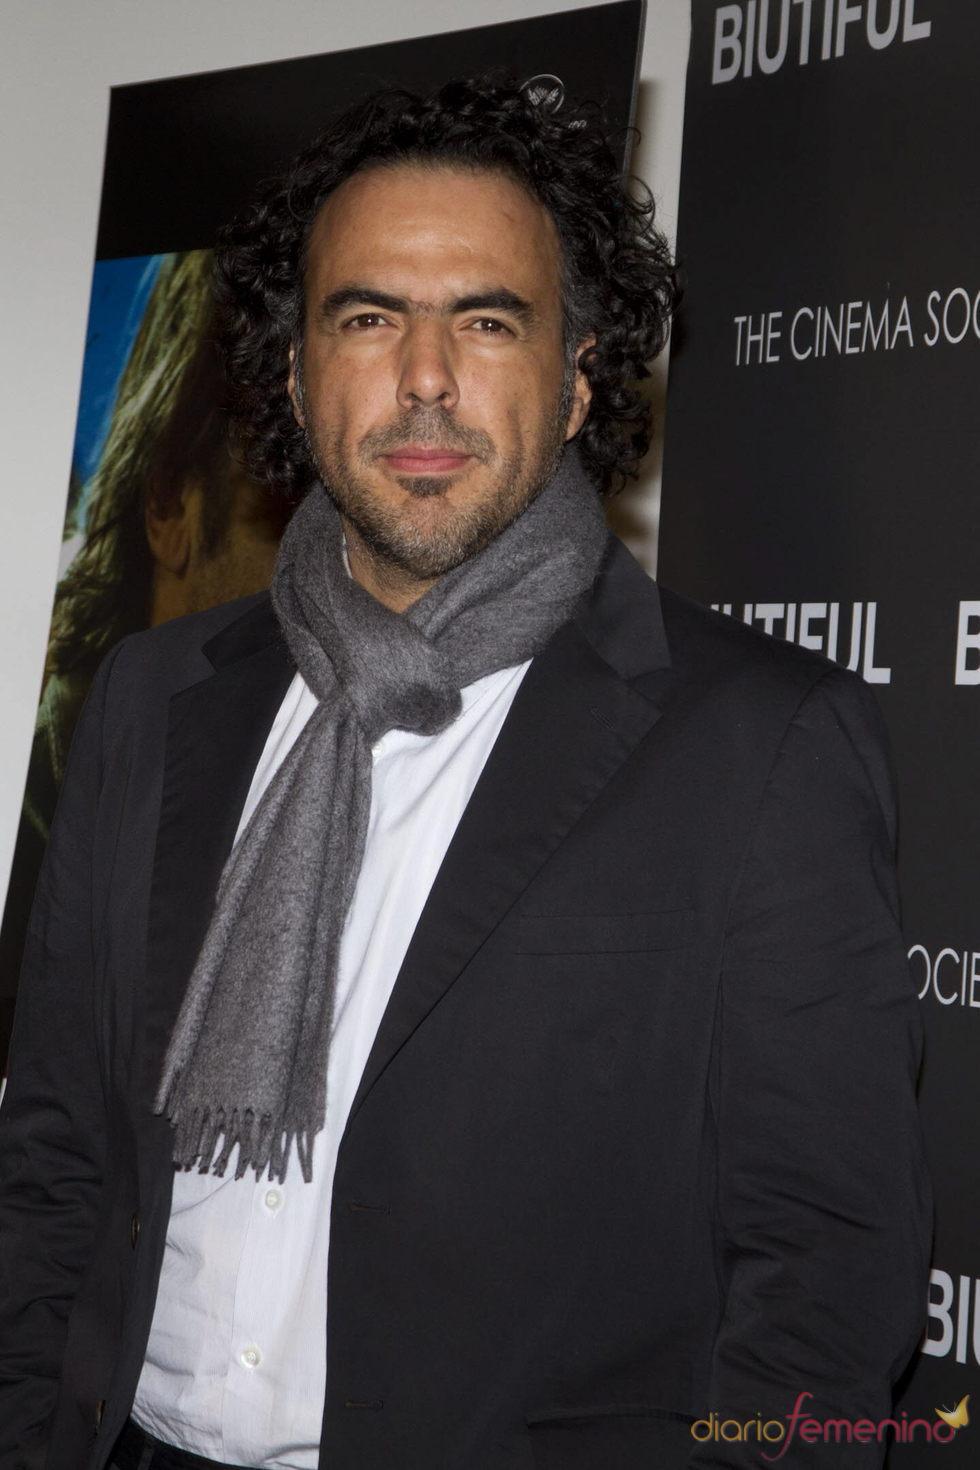 Alejandro González Iñárritu en la presentación de 'Biutiful' en Nueva York